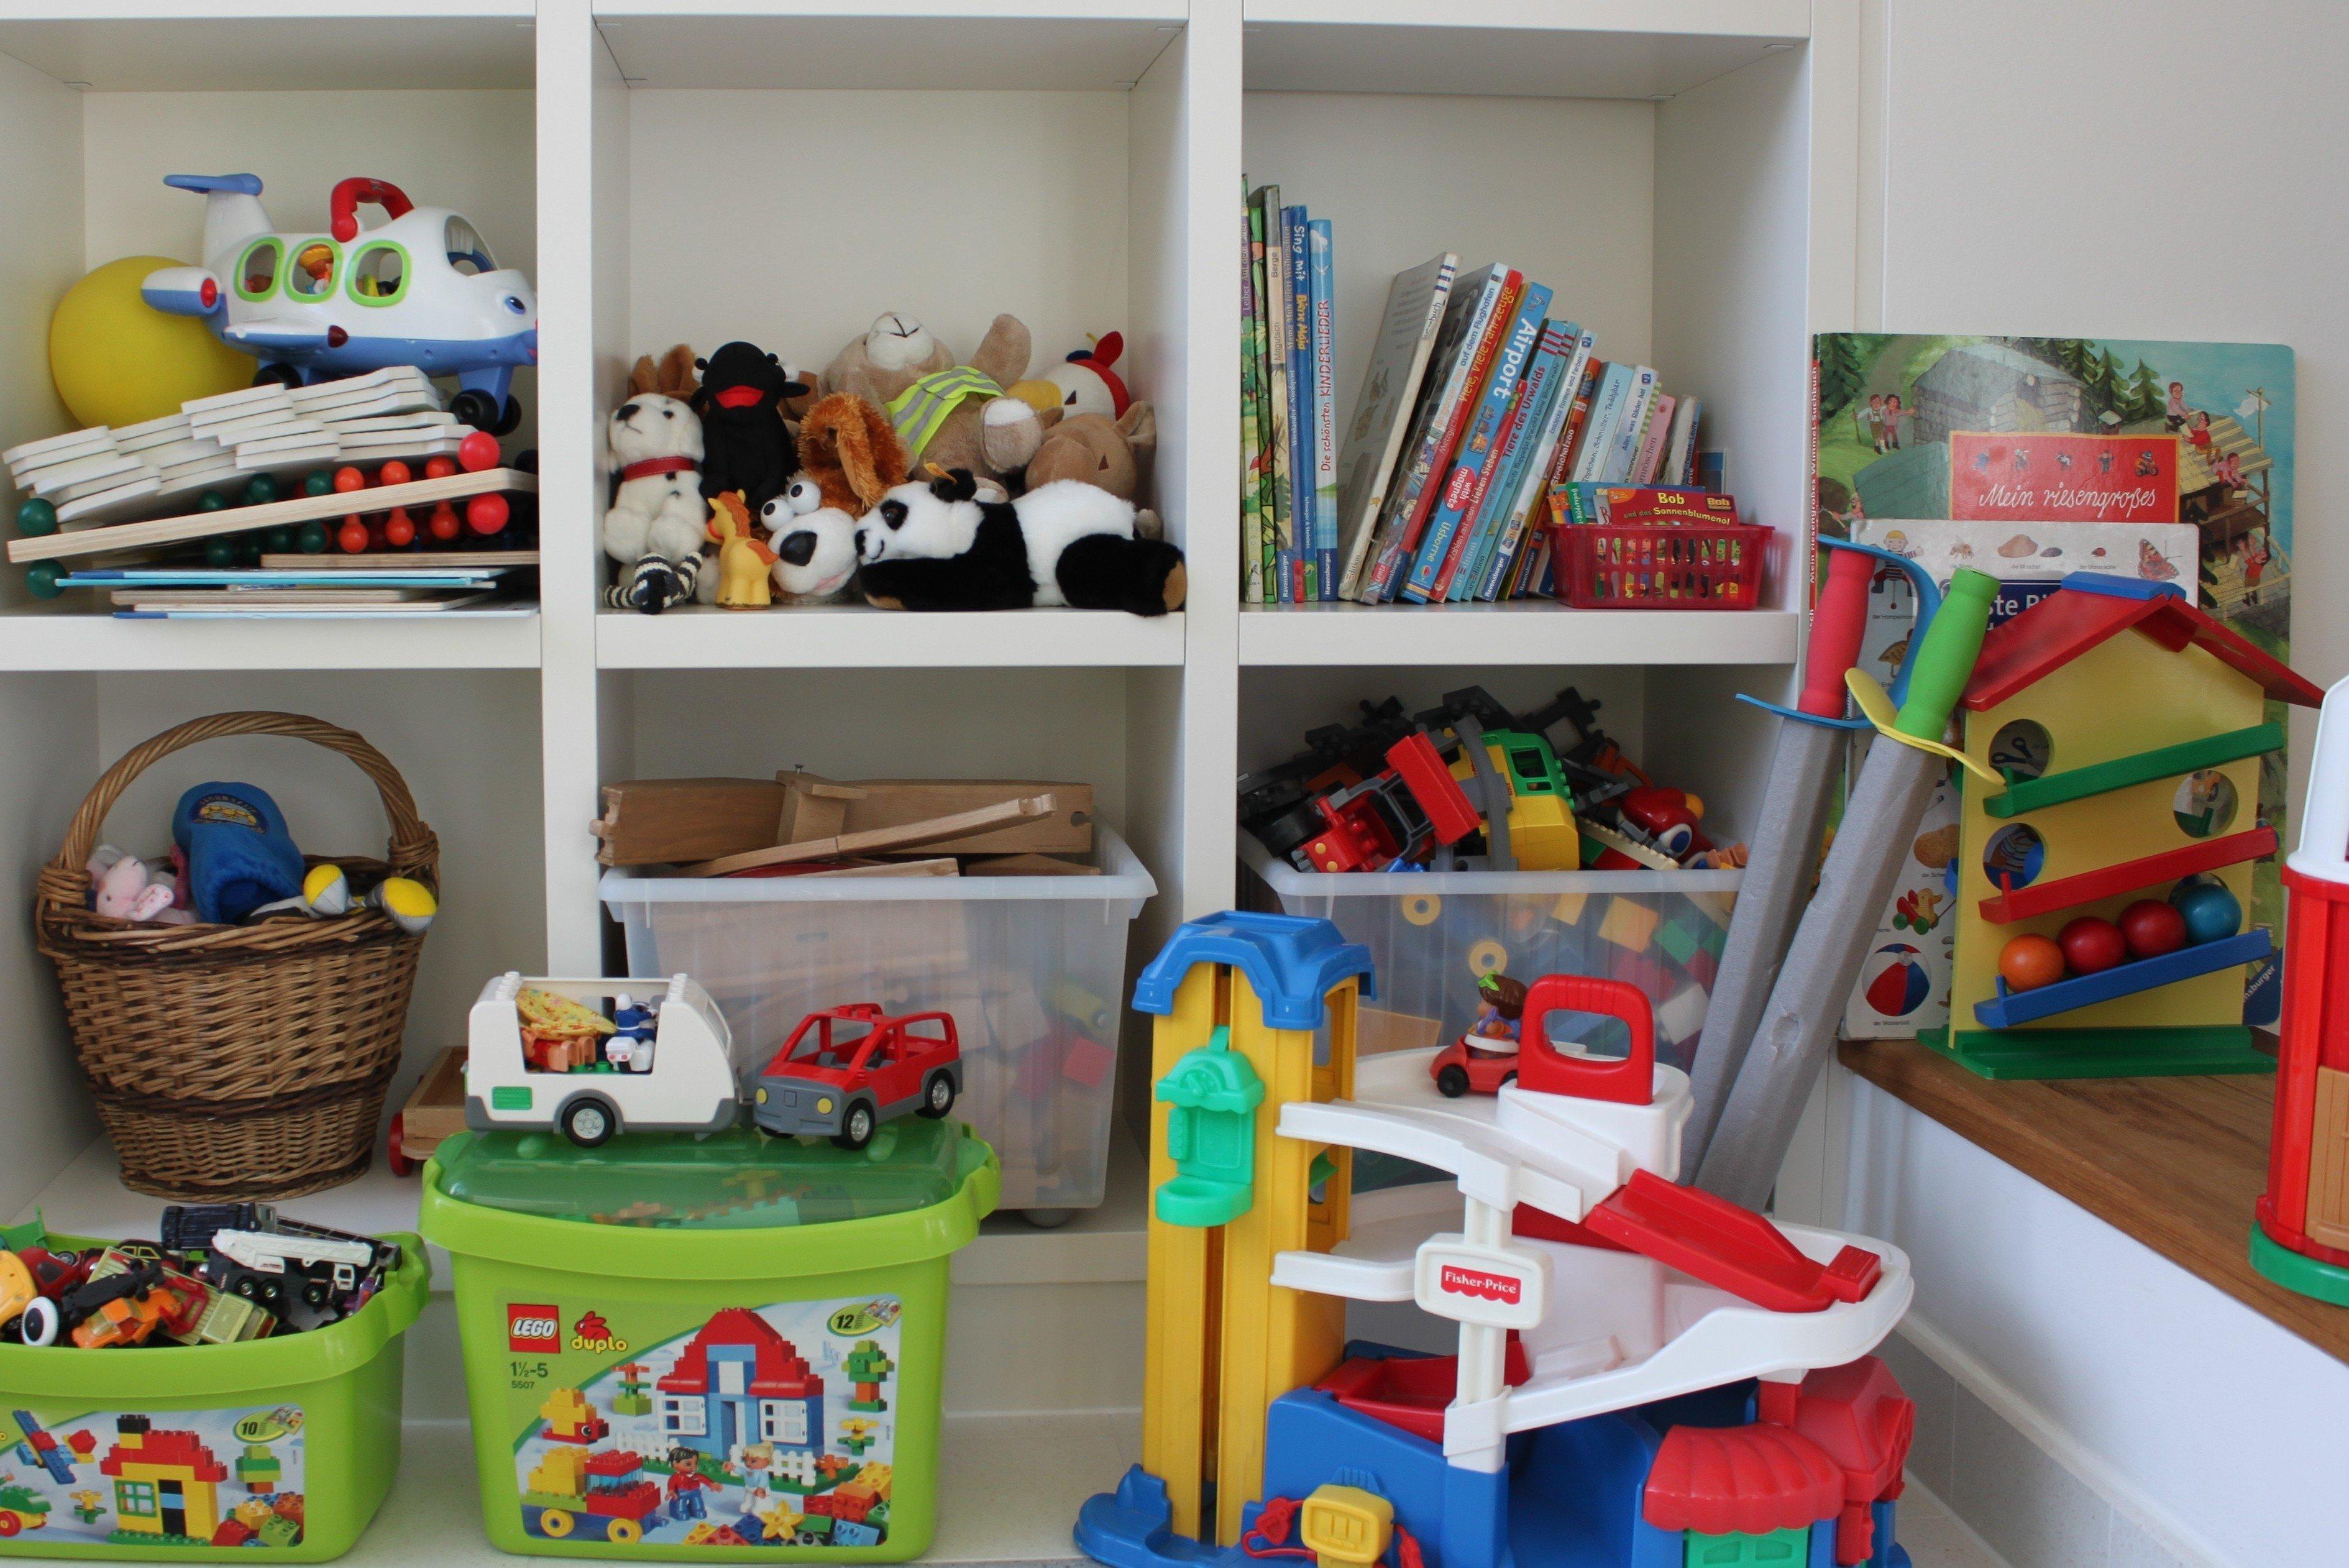 kinderspielzeug f r den urlaub kinderspielzeug f r die reise 7 tipps zur richtigen wahl. Black Bedroom Furniture Sets. Home Design Ideas